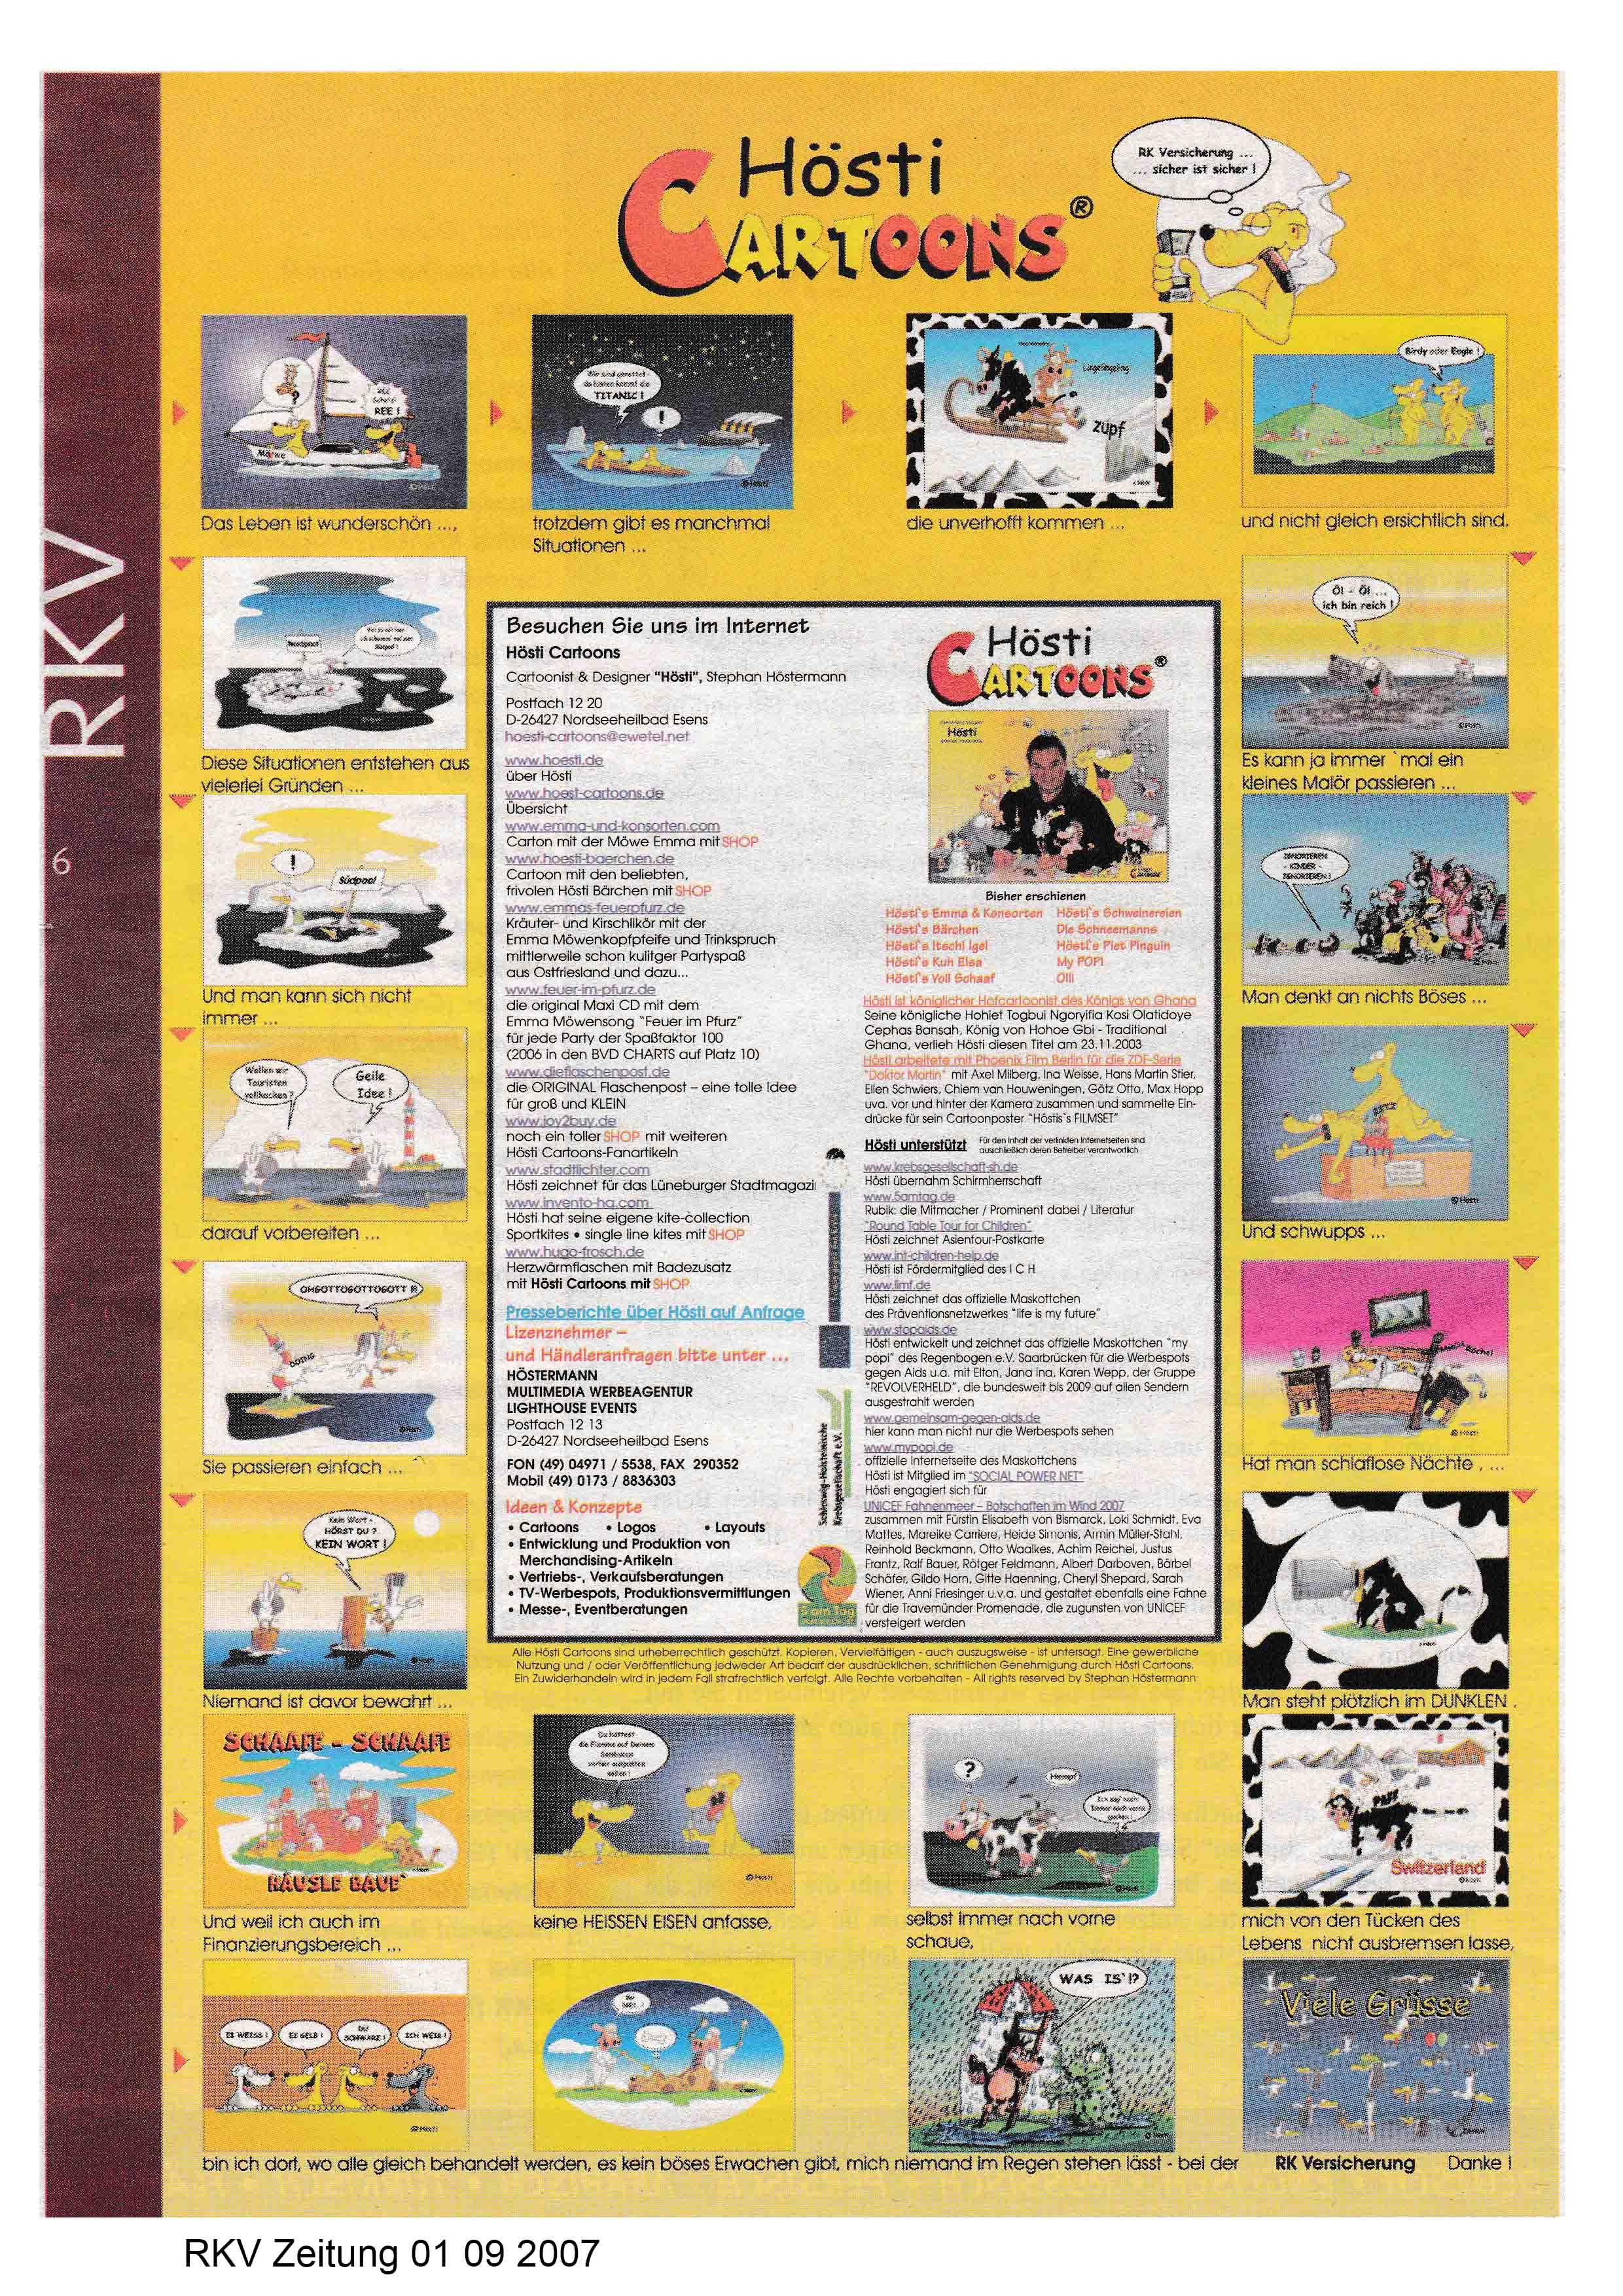 RKV Zeitung 01 09 2007